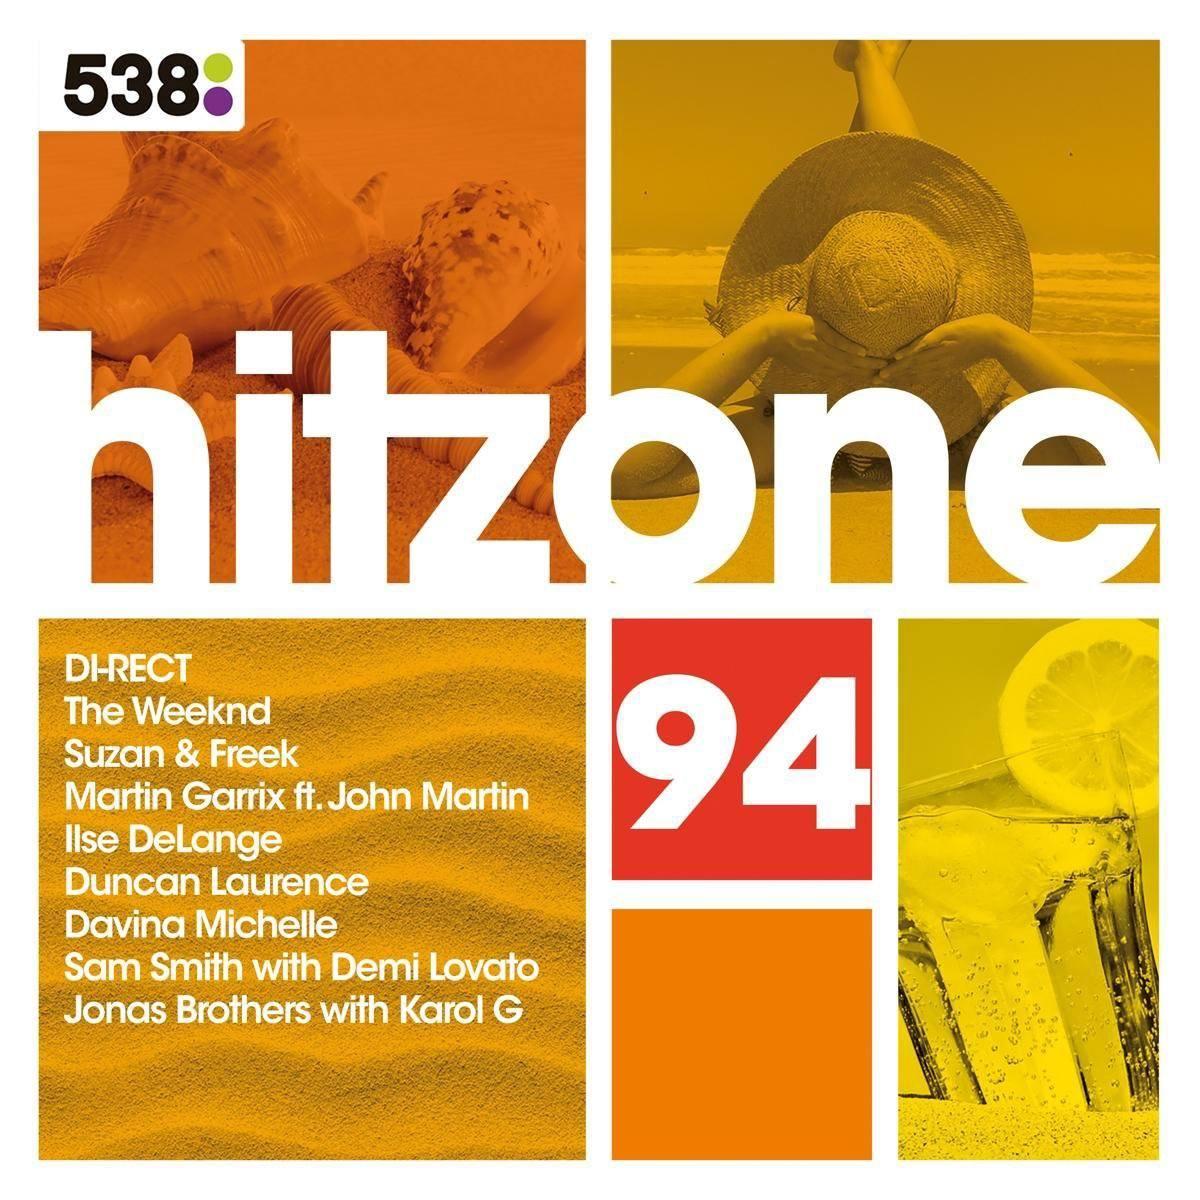 Laatst uitgebrachte Hitzone 94